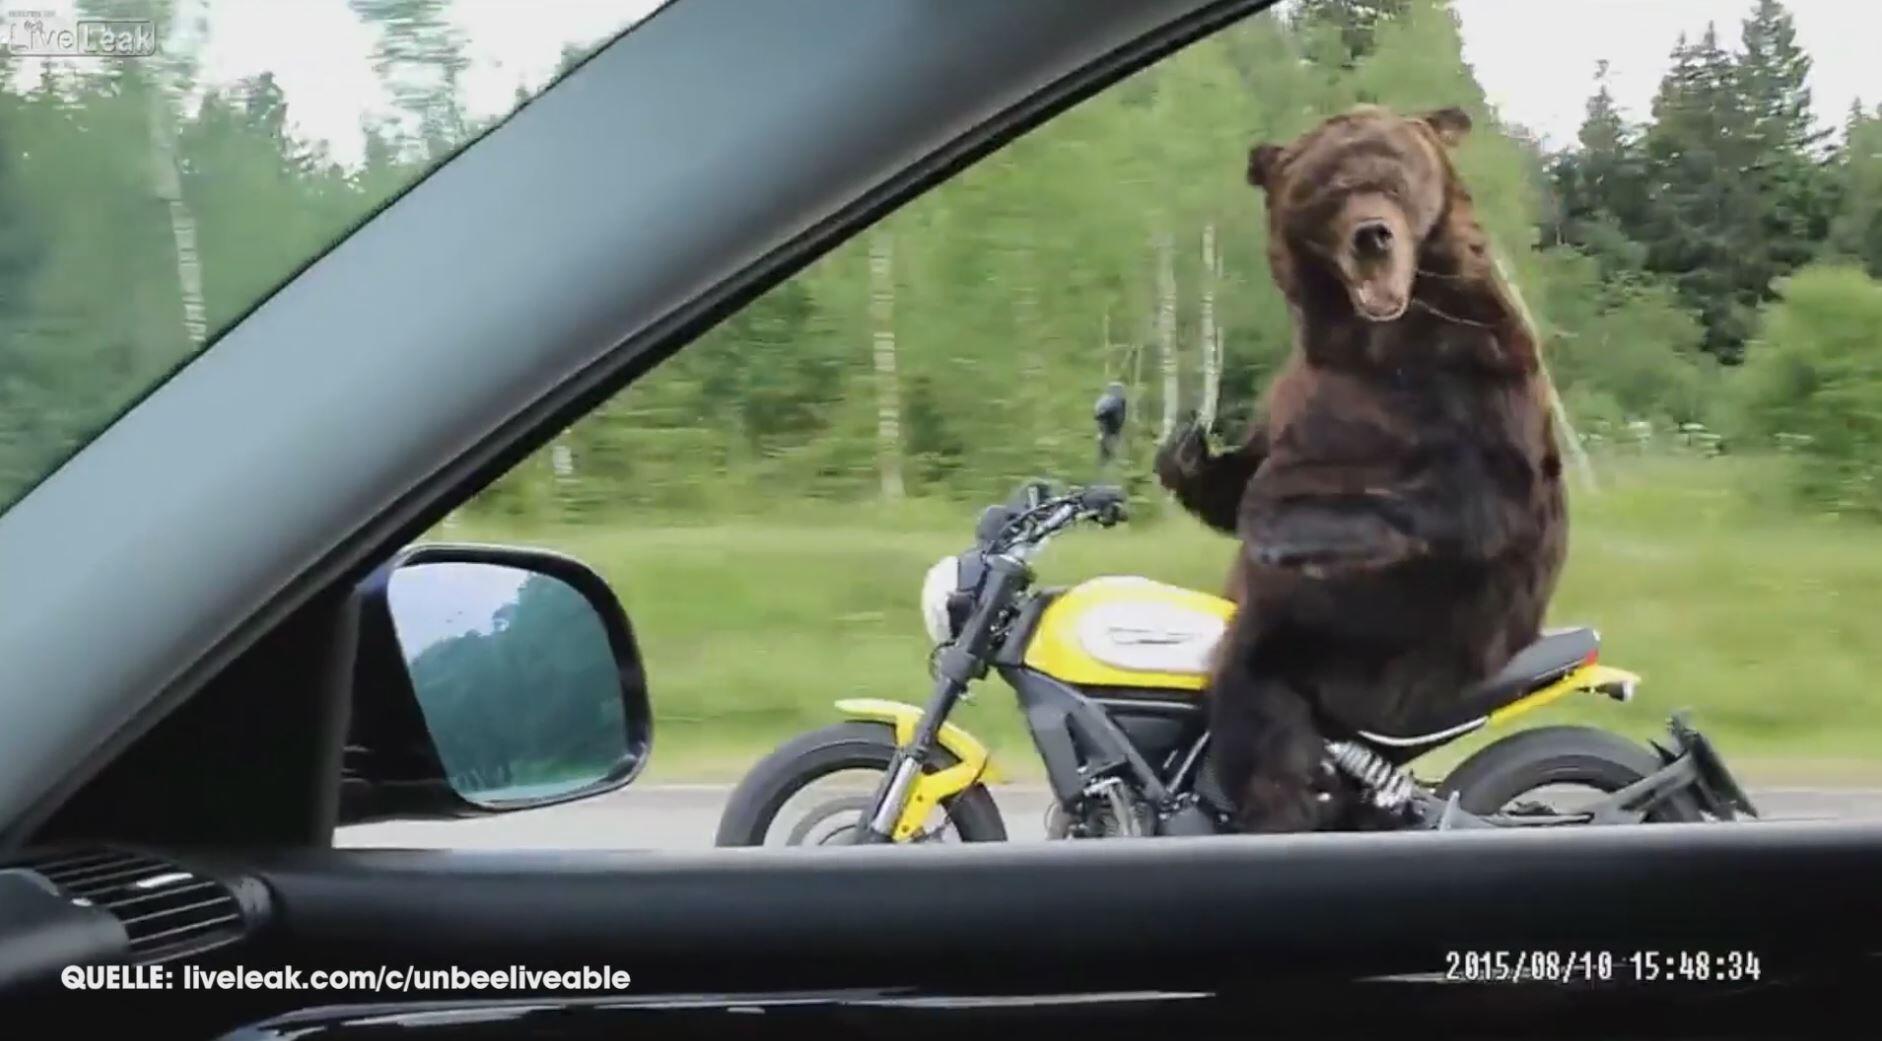 Bild zu Unhöflicher Bär auf Motorrad